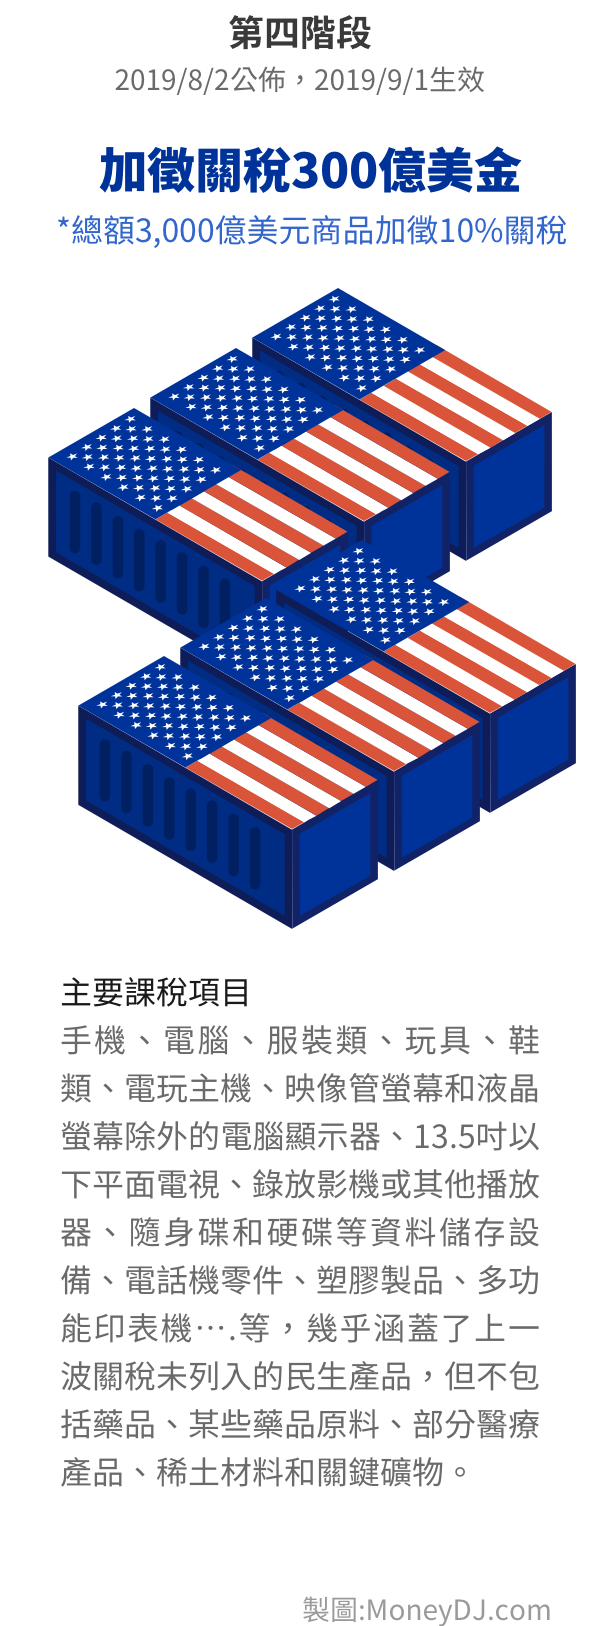 中美貿易,關稅